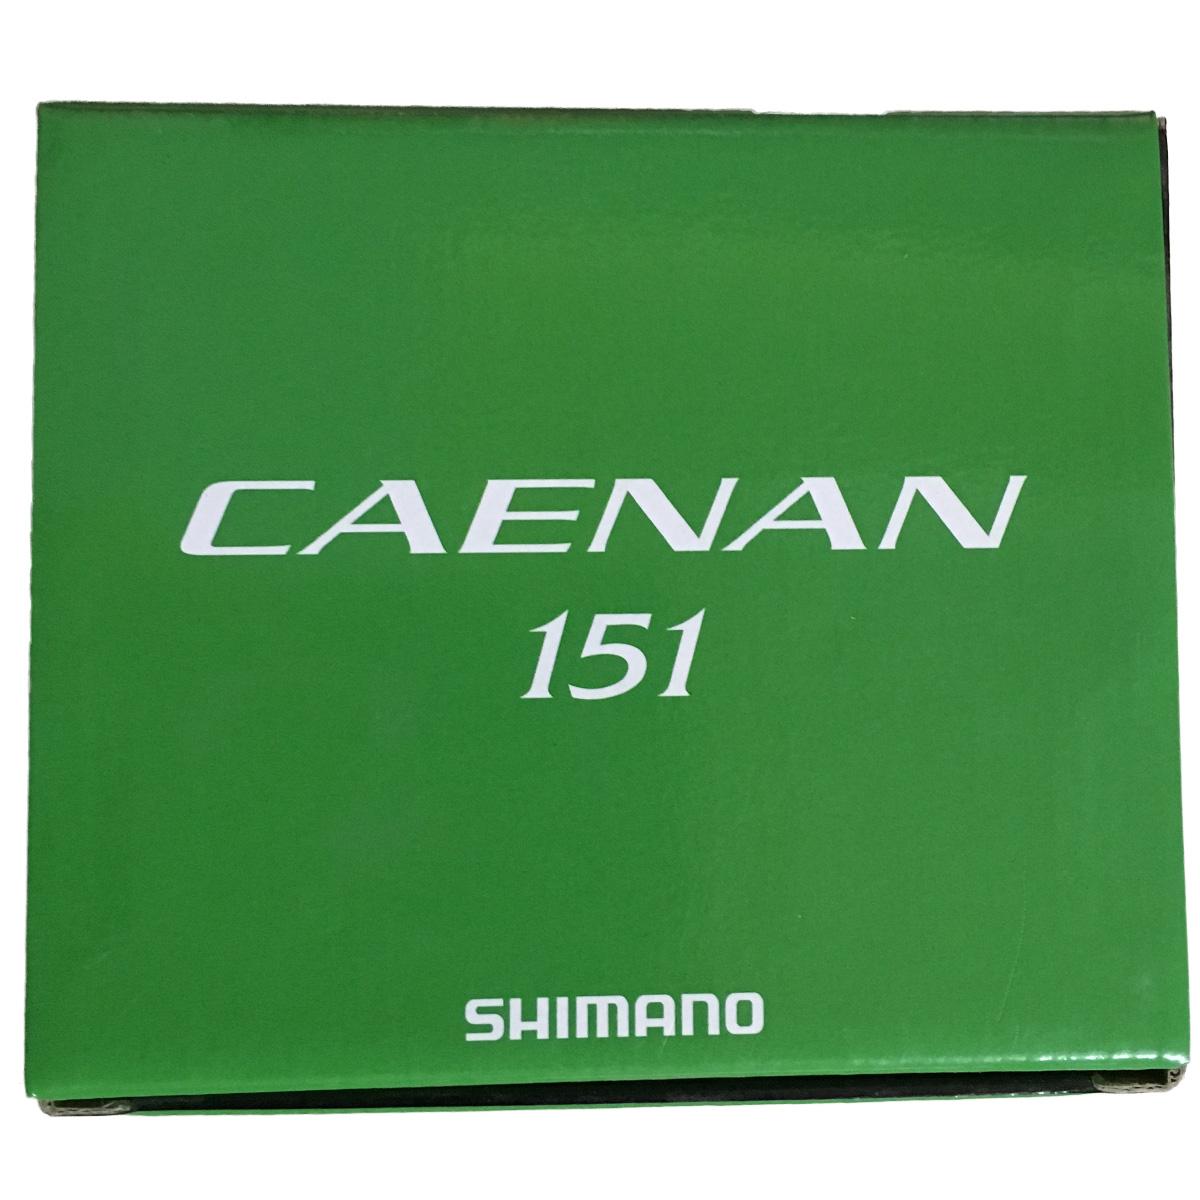 Máy Câu Ngang Shimano Caenan 151Tay Quay Trái BH 1 Năm